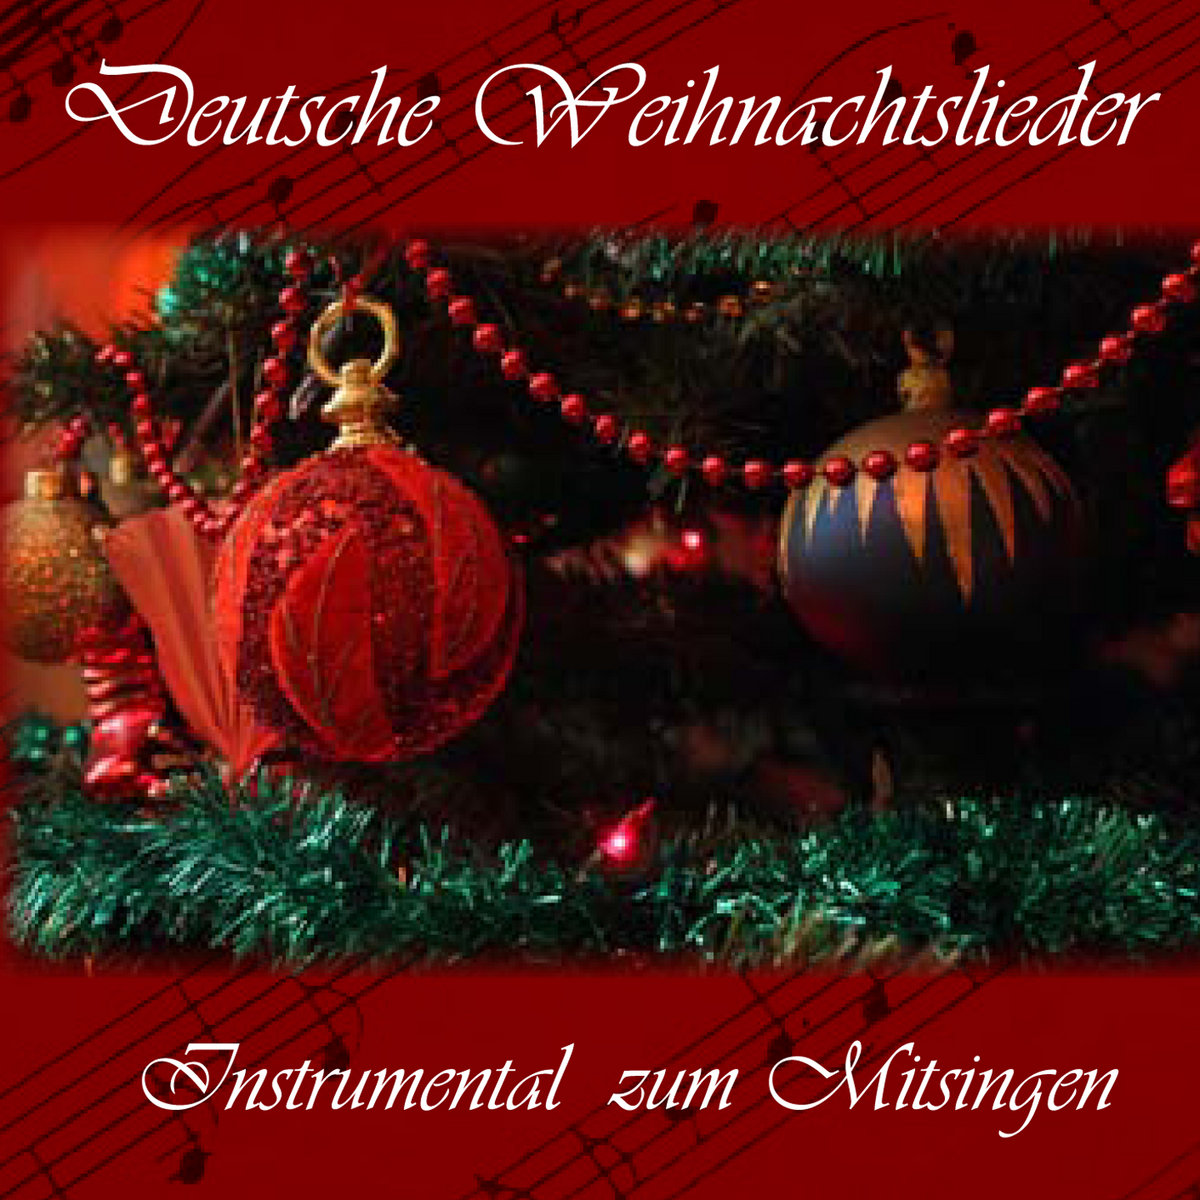 Deutsche Weihnachtslieder (Instrumental zum Mitsingen) | BOB-MEDIA